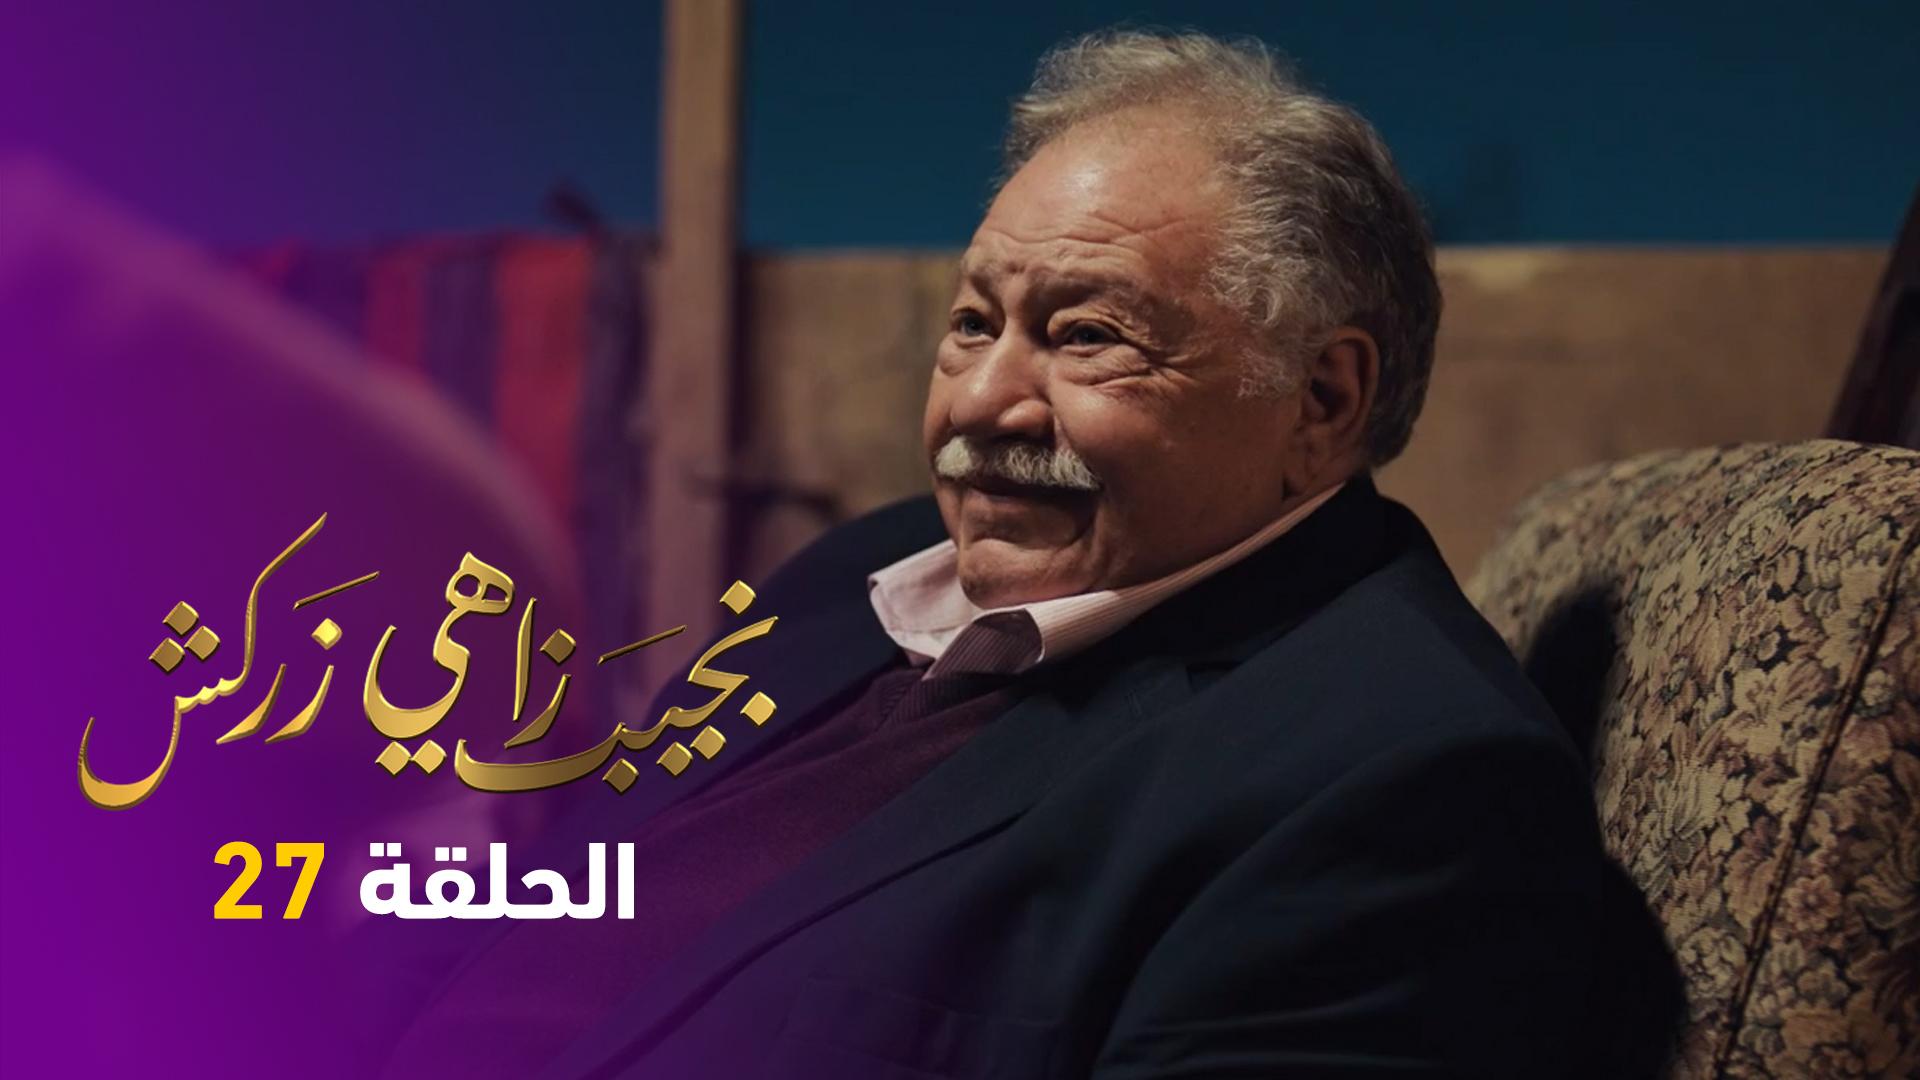 نجيب زاهي زركش | الحلقة 27